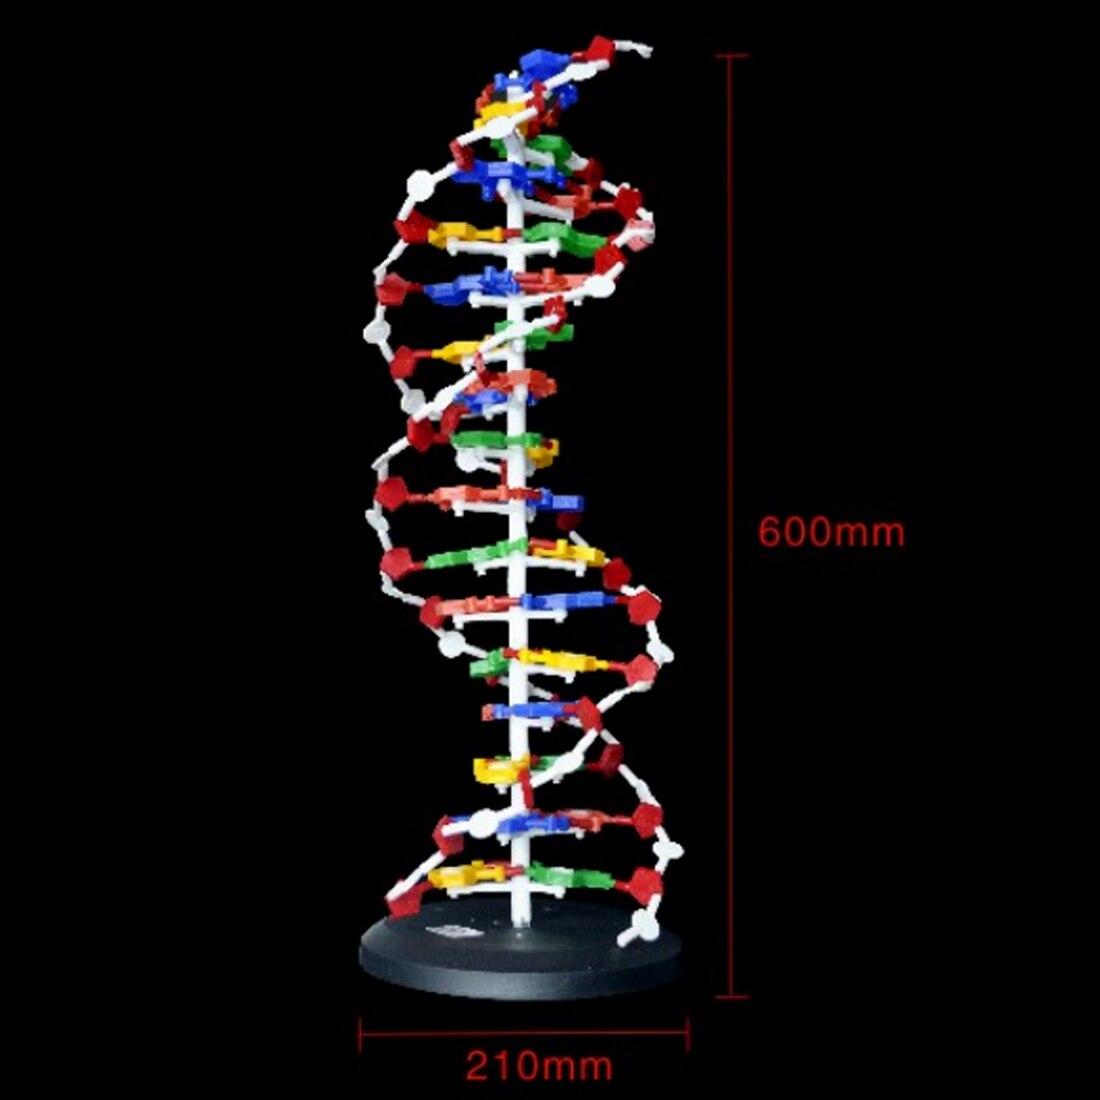 Outils pédagogiques de biologie Surwish modèle de Structure d'adn accessoires éducatifs équipement d'étude d'adn-L - 3